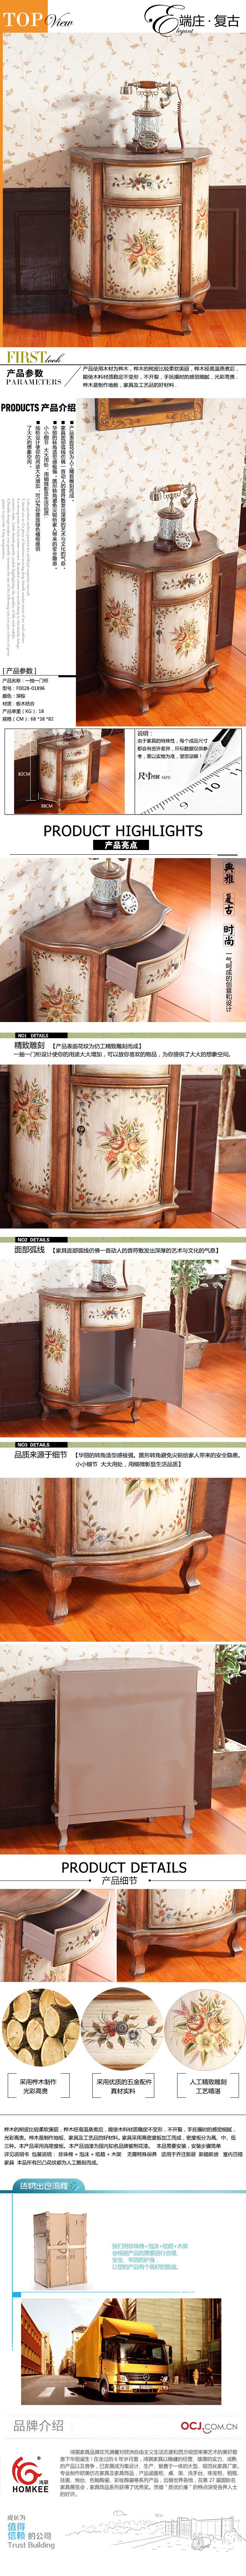 鸿骐 复古欧式手绘床头柜 实木角柜 田园风格储物柜f0028-01896